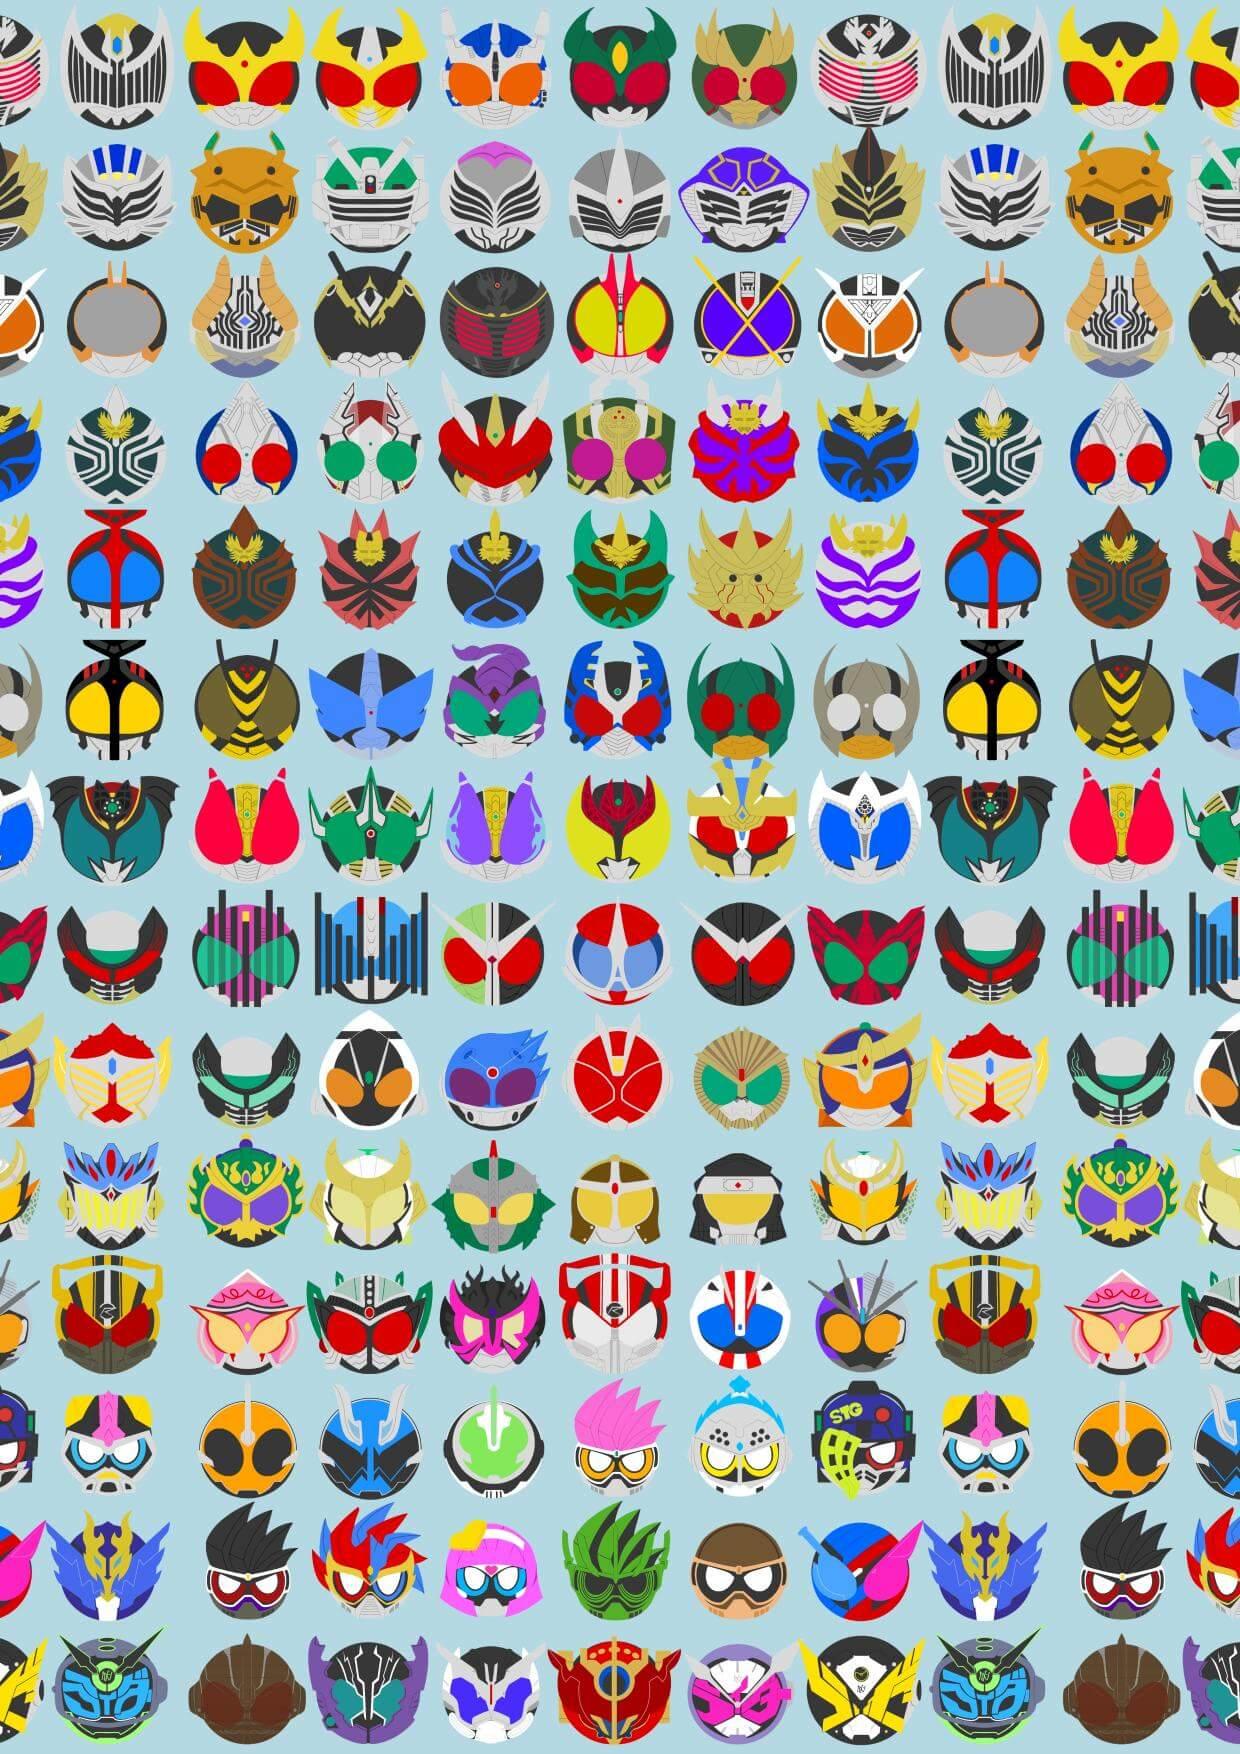 あなたの好きな仮面ライダーは誰ですか 平成仮面ライダー20作品